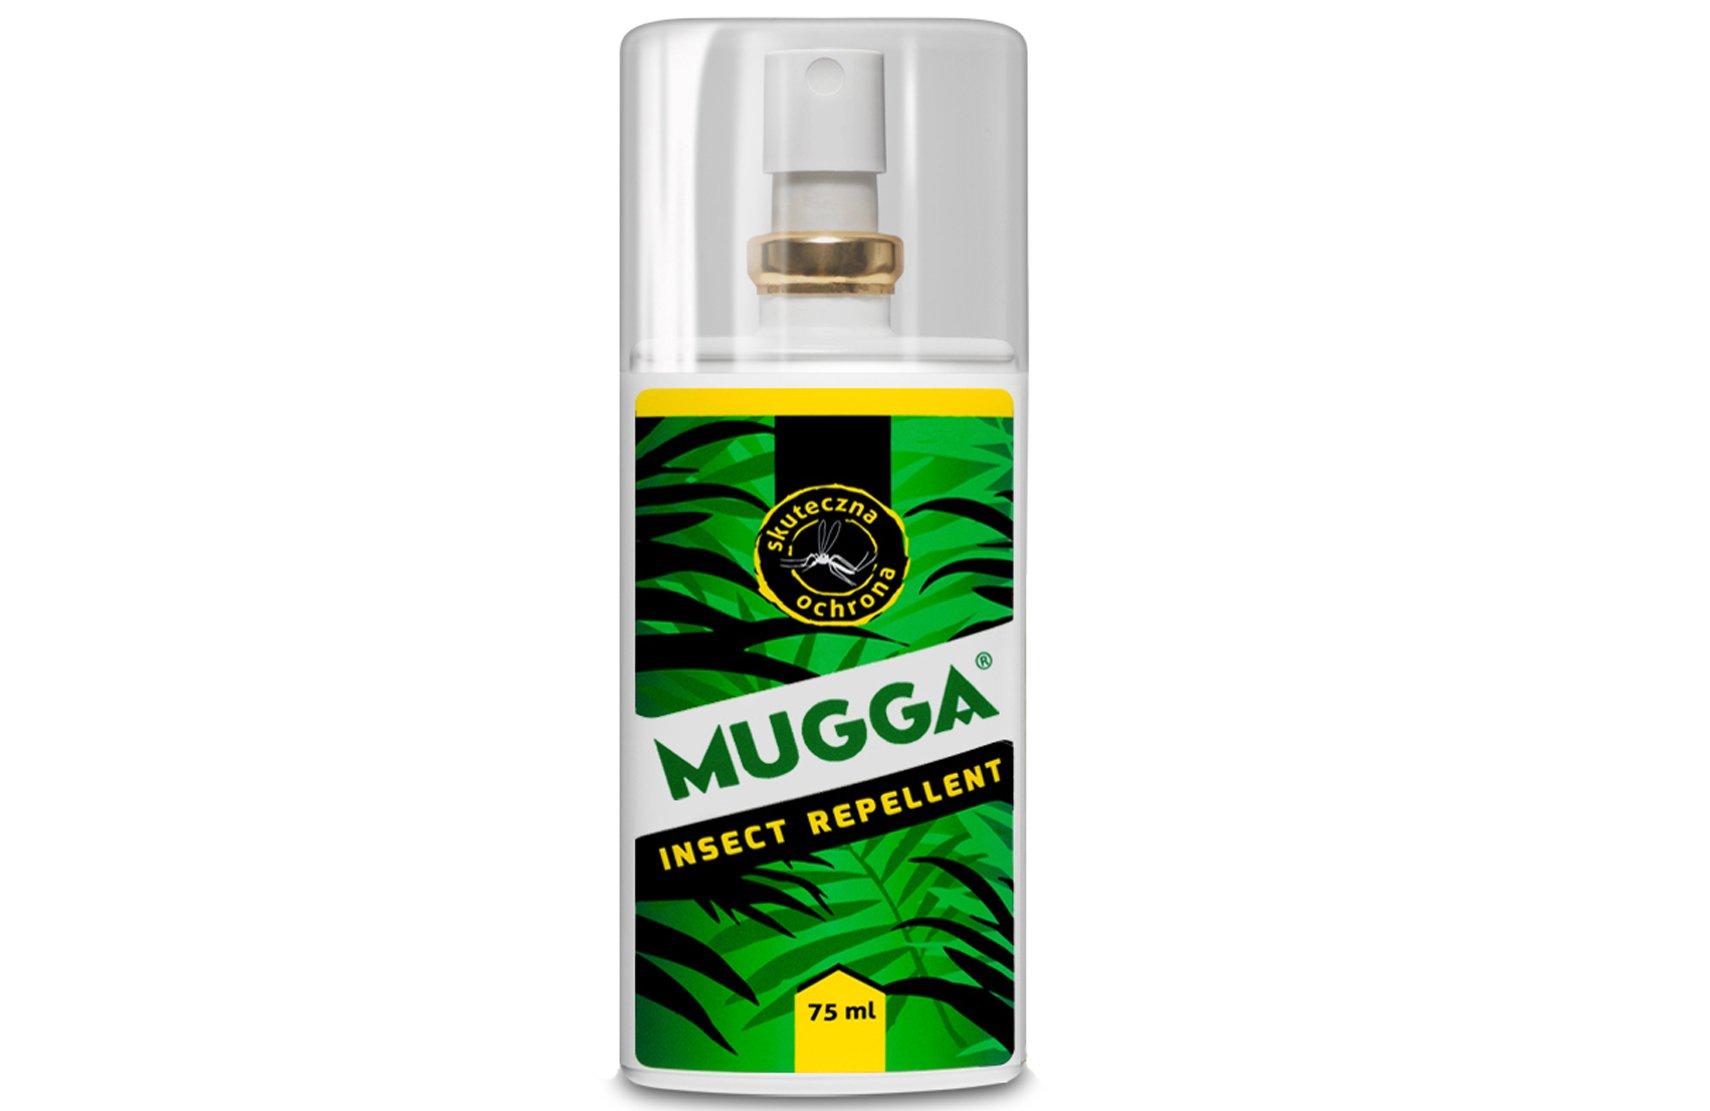 Mugga 9.5% DEET